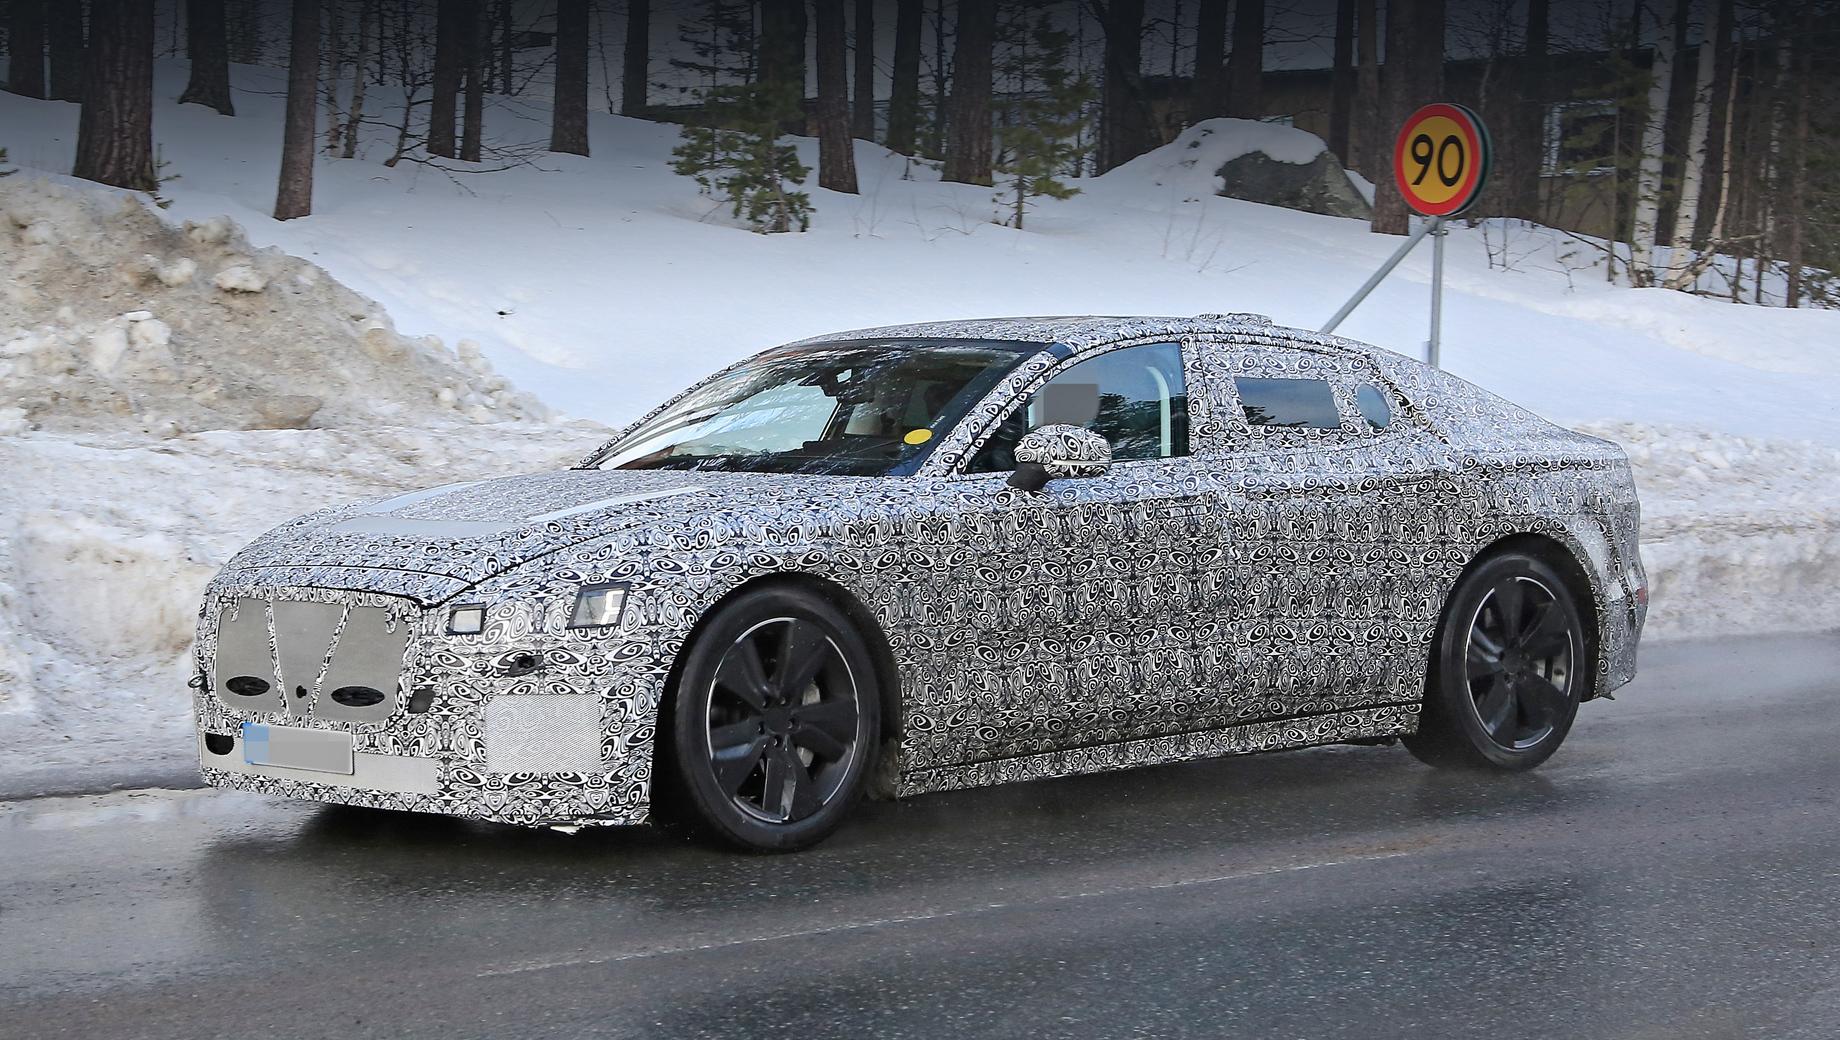 Jaguar xj. Несмотря на обильную маскировку, о новом кузове «икс-джея» сказать можно многое: тут очень узкое остекление, стеклянный треугольник в передних дверях, зеркала с креплением на панели двери, а не в углу стекла. Широкие спицы колёсных дисков оптимизированы явно с точки зрения аэродинамики.